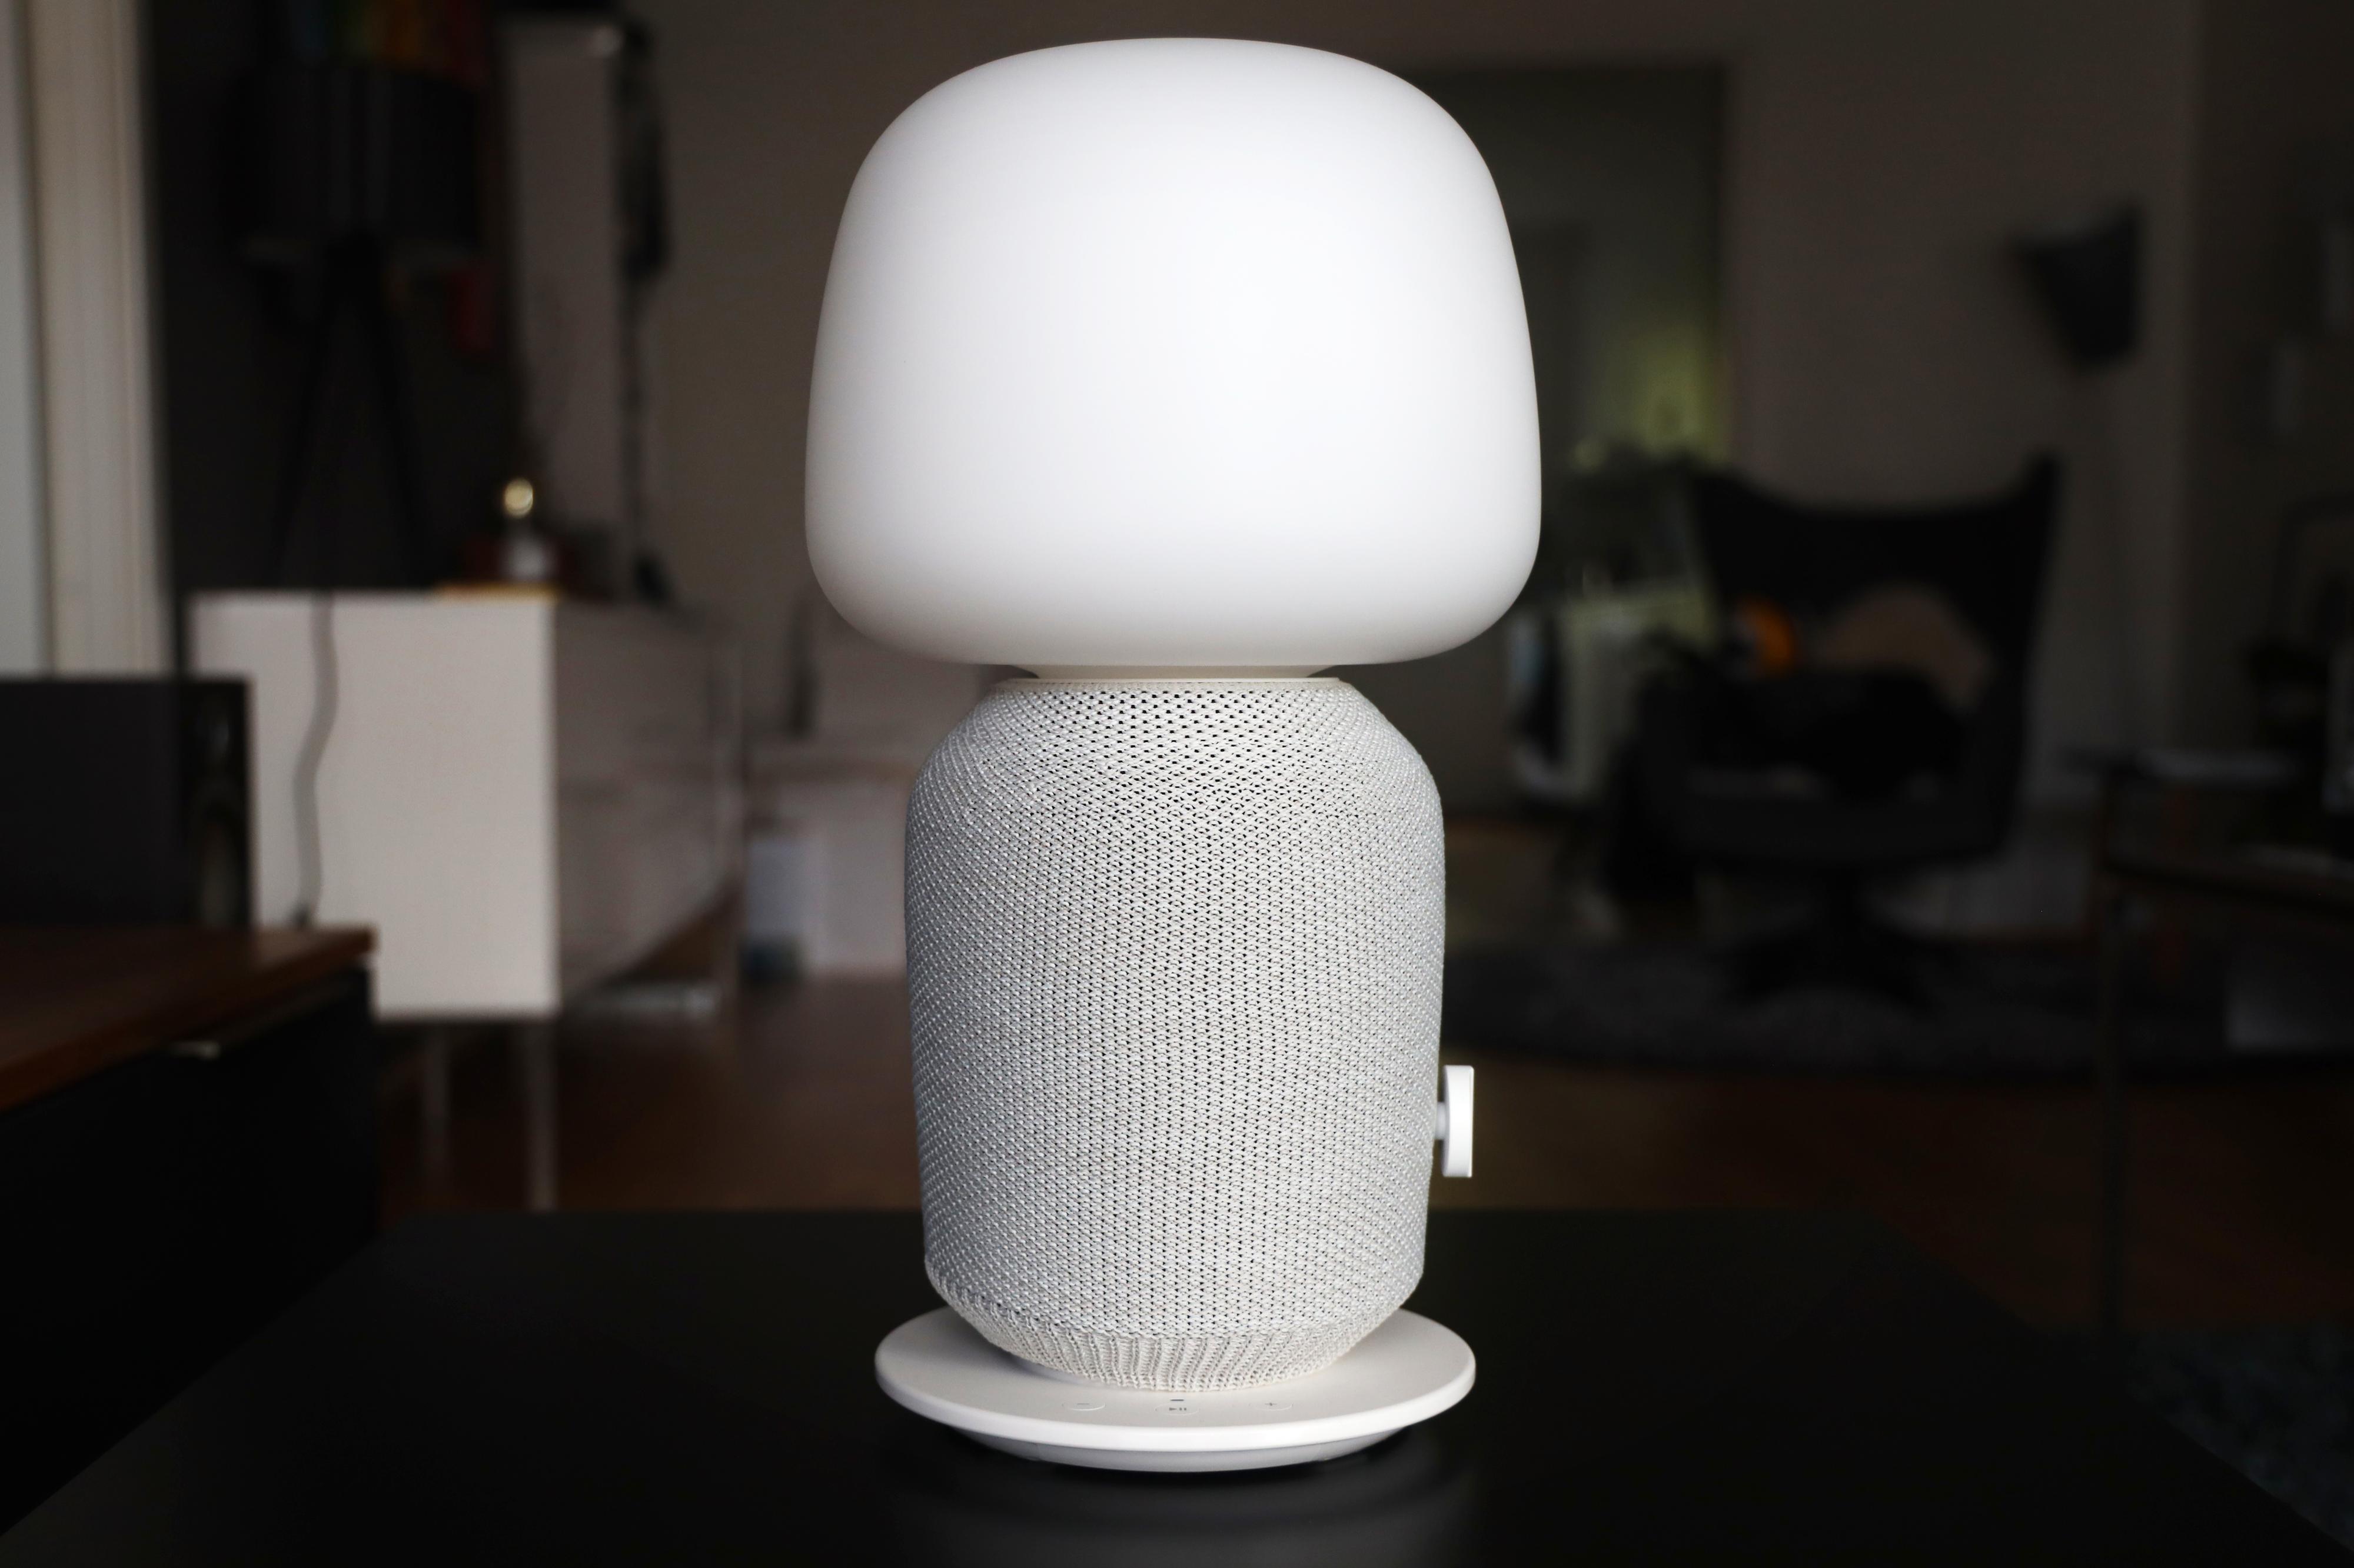 Lampehøyttaleren har et litt spesielt utseende. Kanskje skulle vi ønsket at det var flere valgmuligheter for kuppel og trekk.